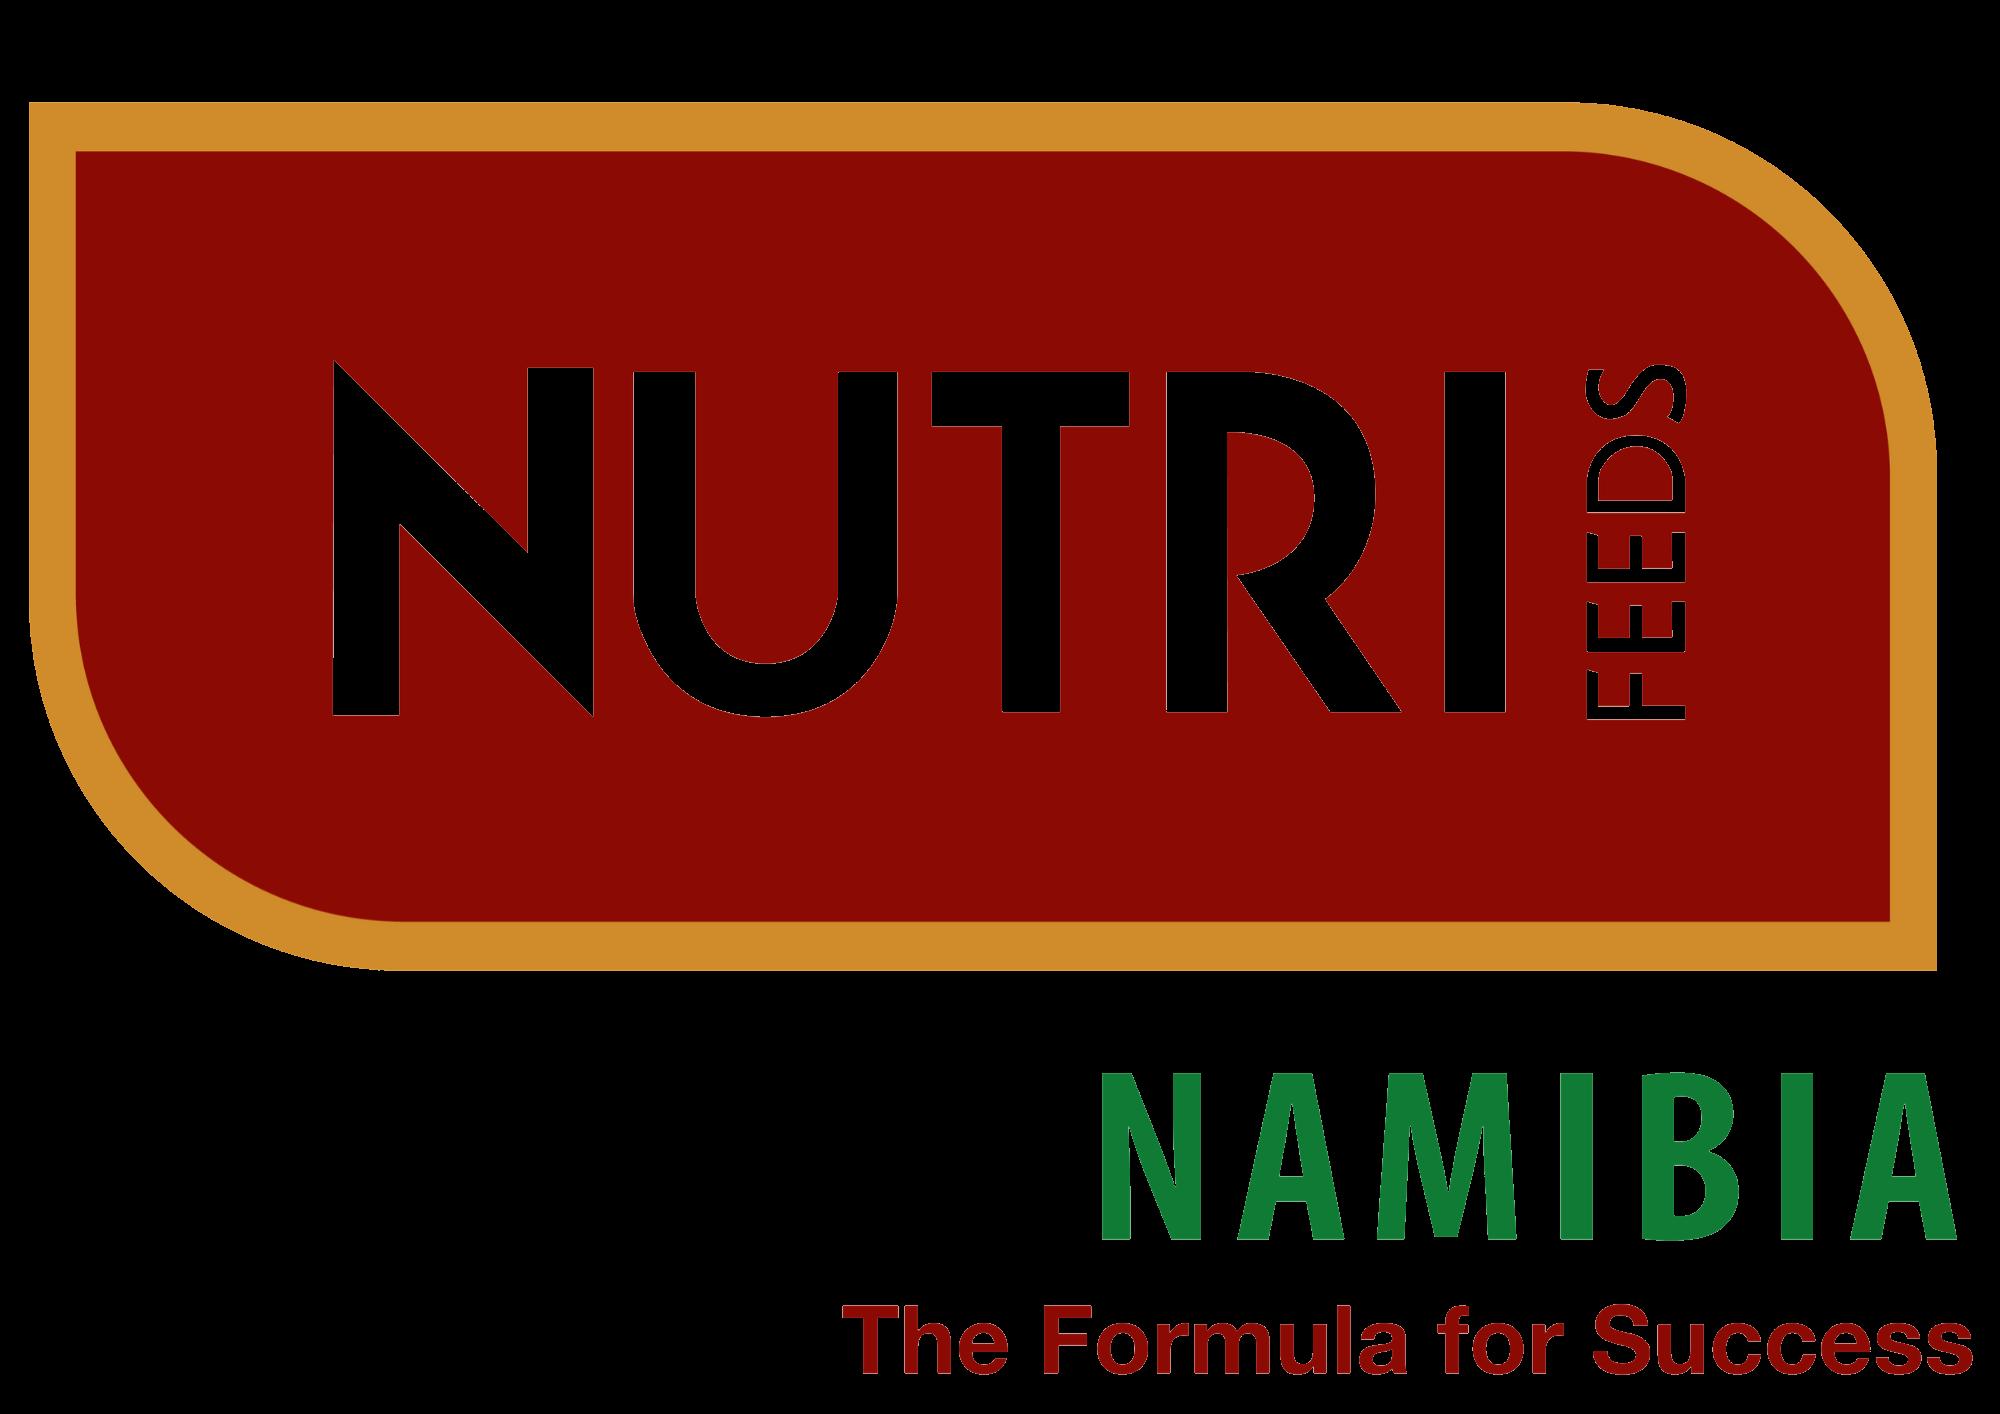 Nutri Feed